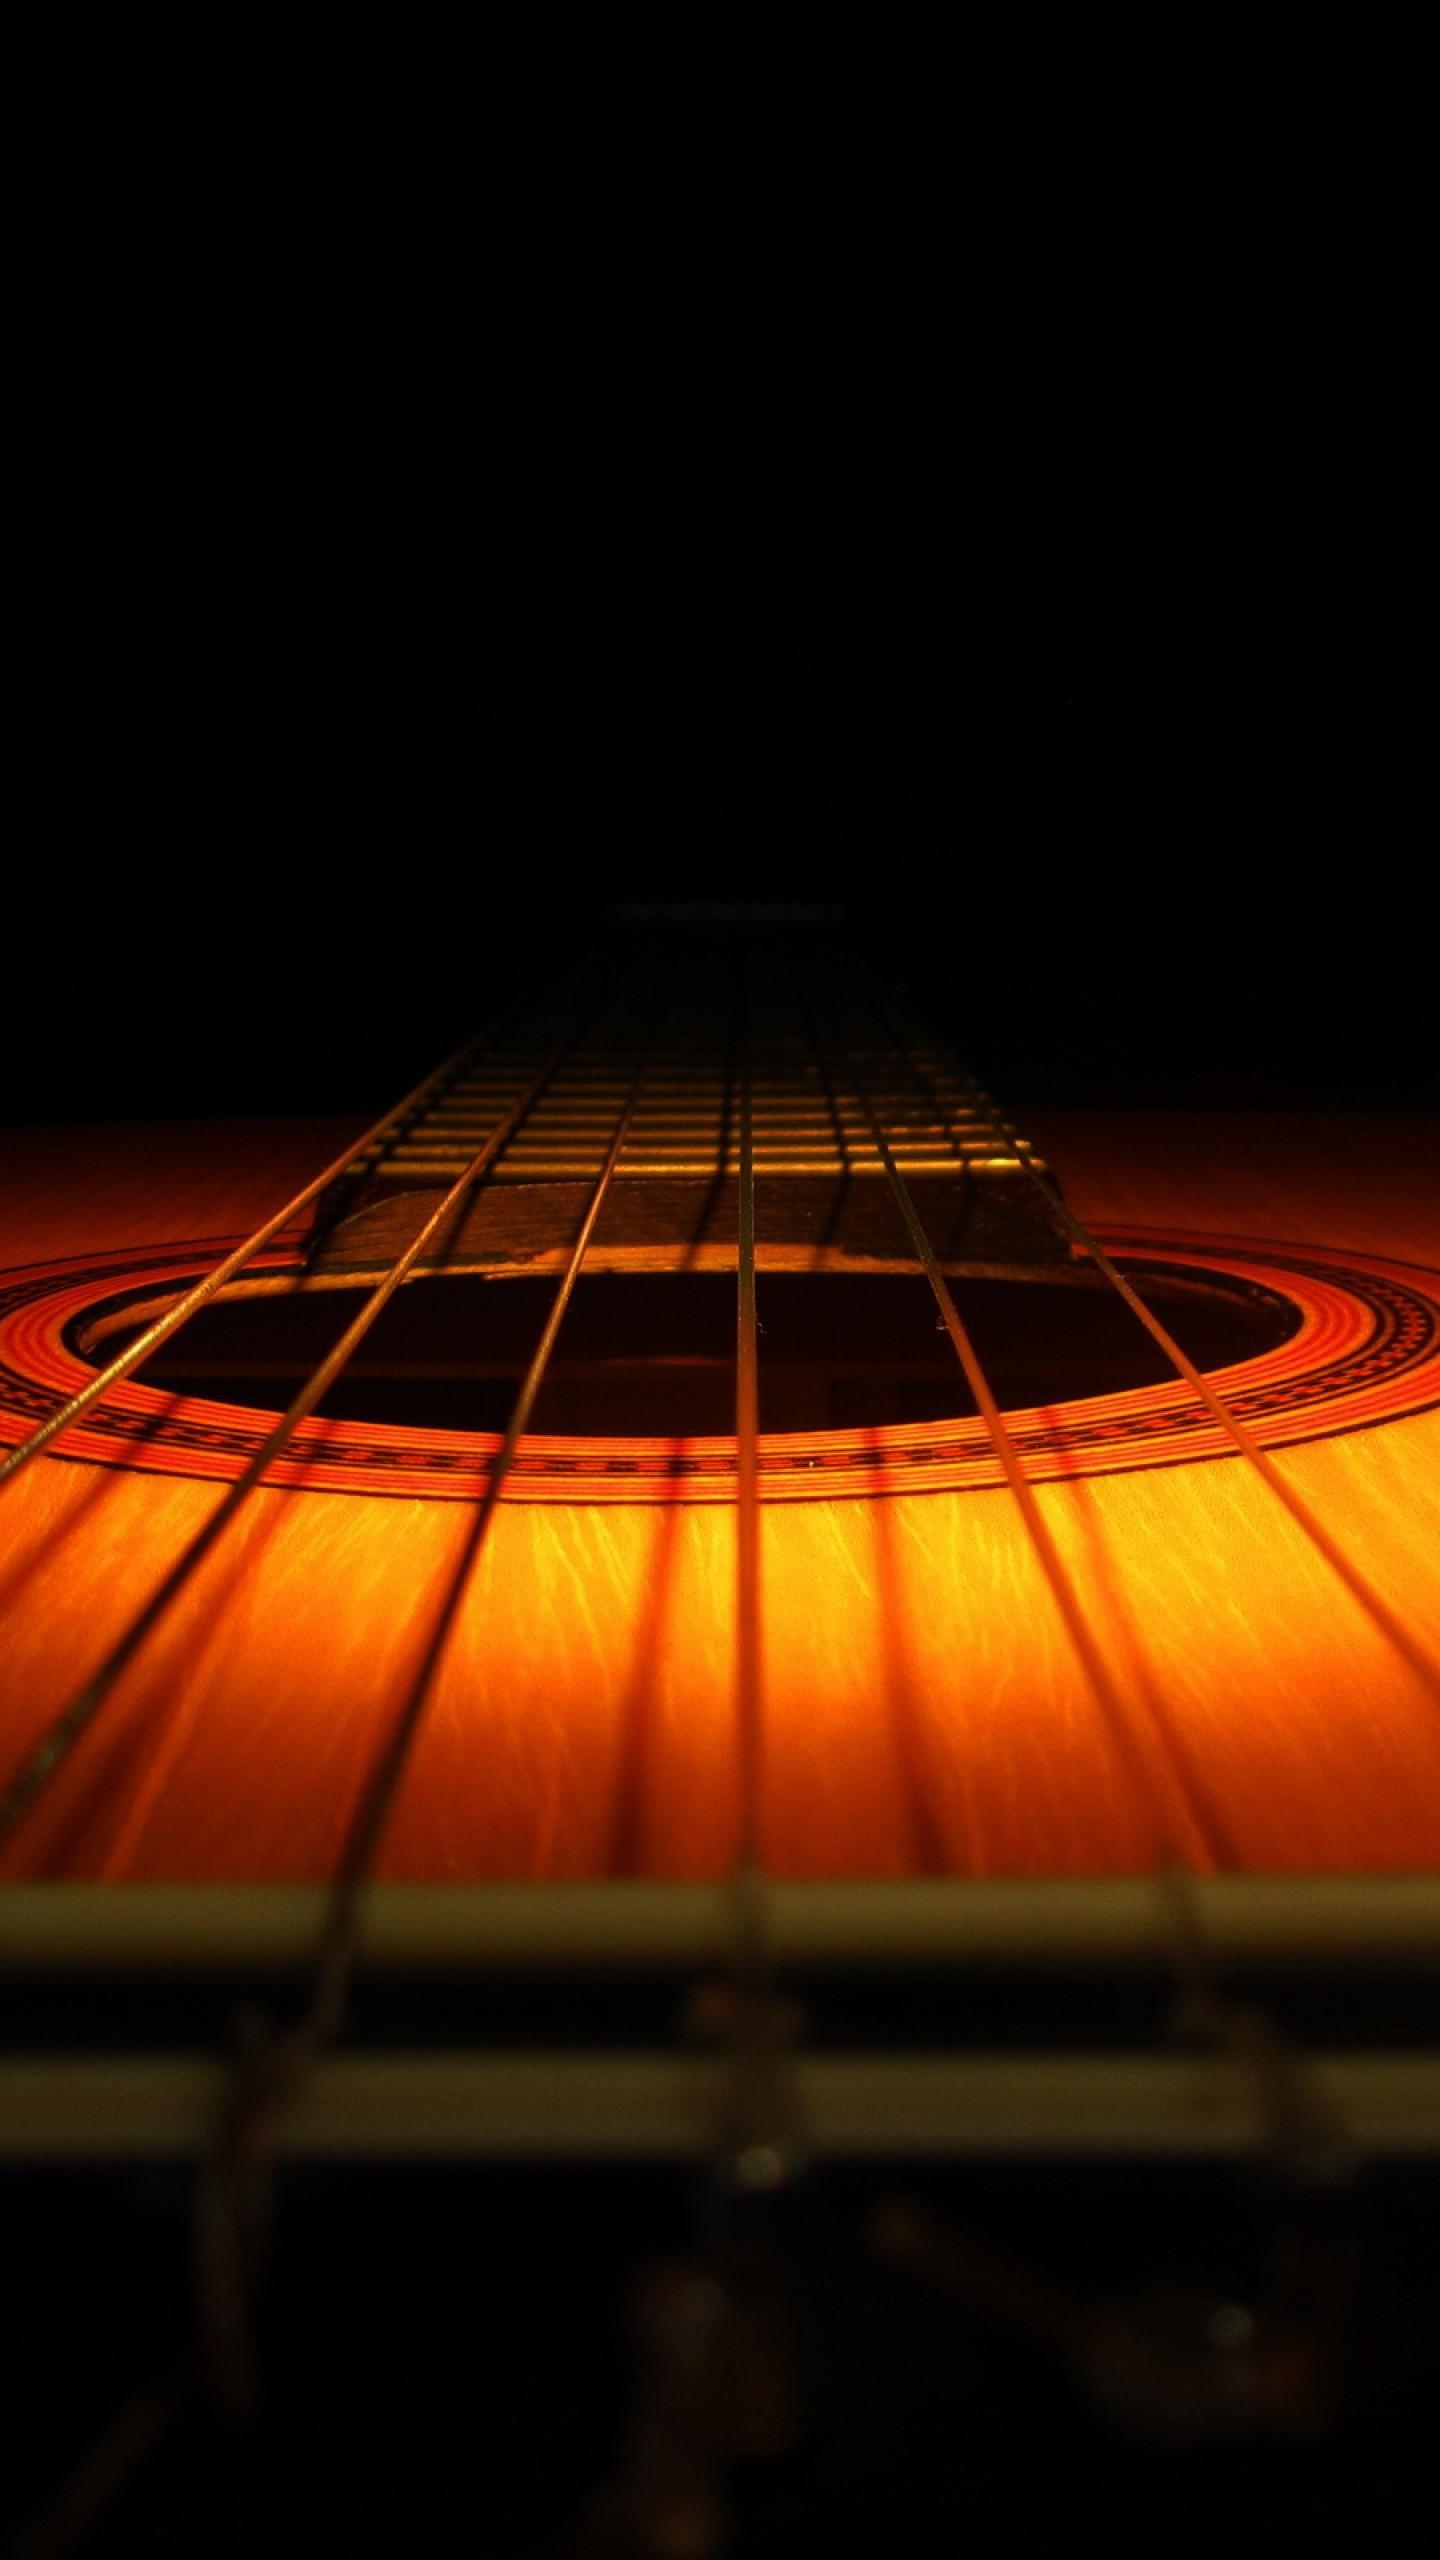 عکس زمینه گیتار چوبی با پس زمینه تاریک پس زمینه